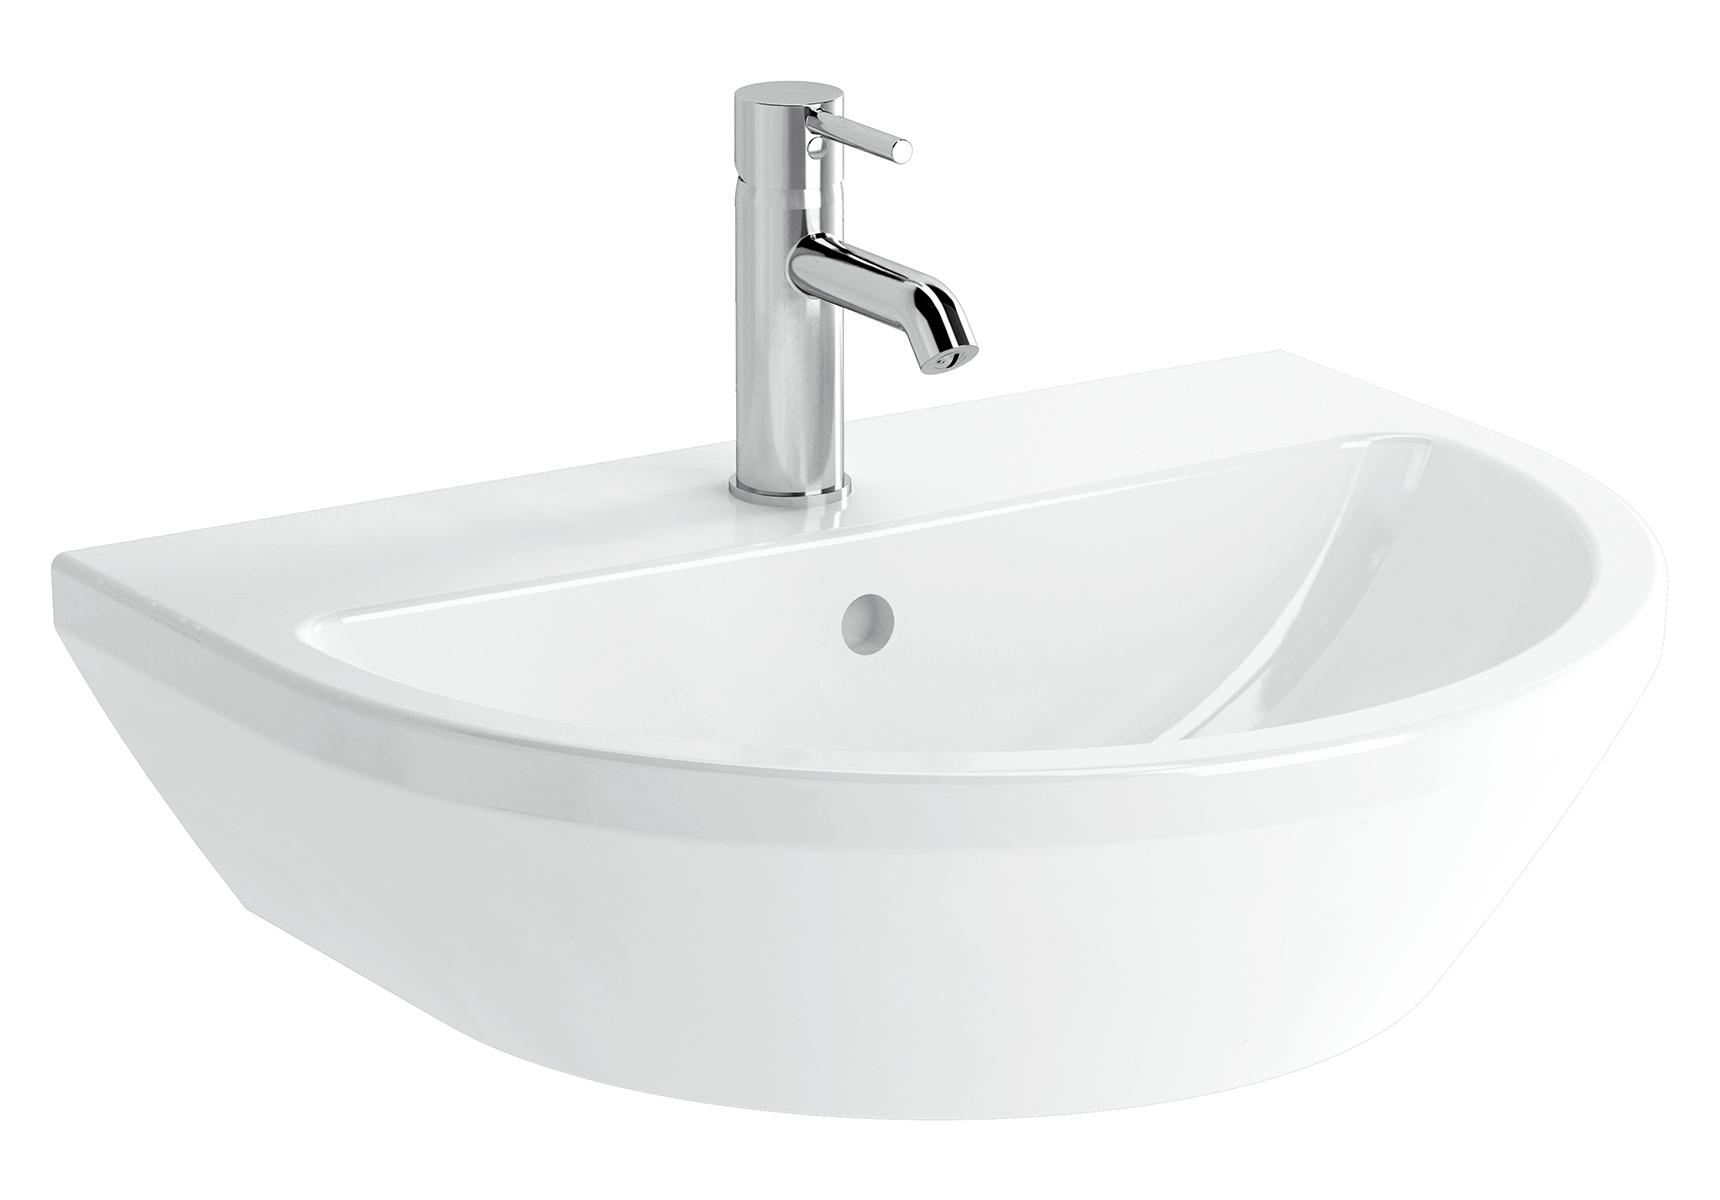 Integra lavabo rond, 60 cm, avec trou de robinet, avec trop-plein